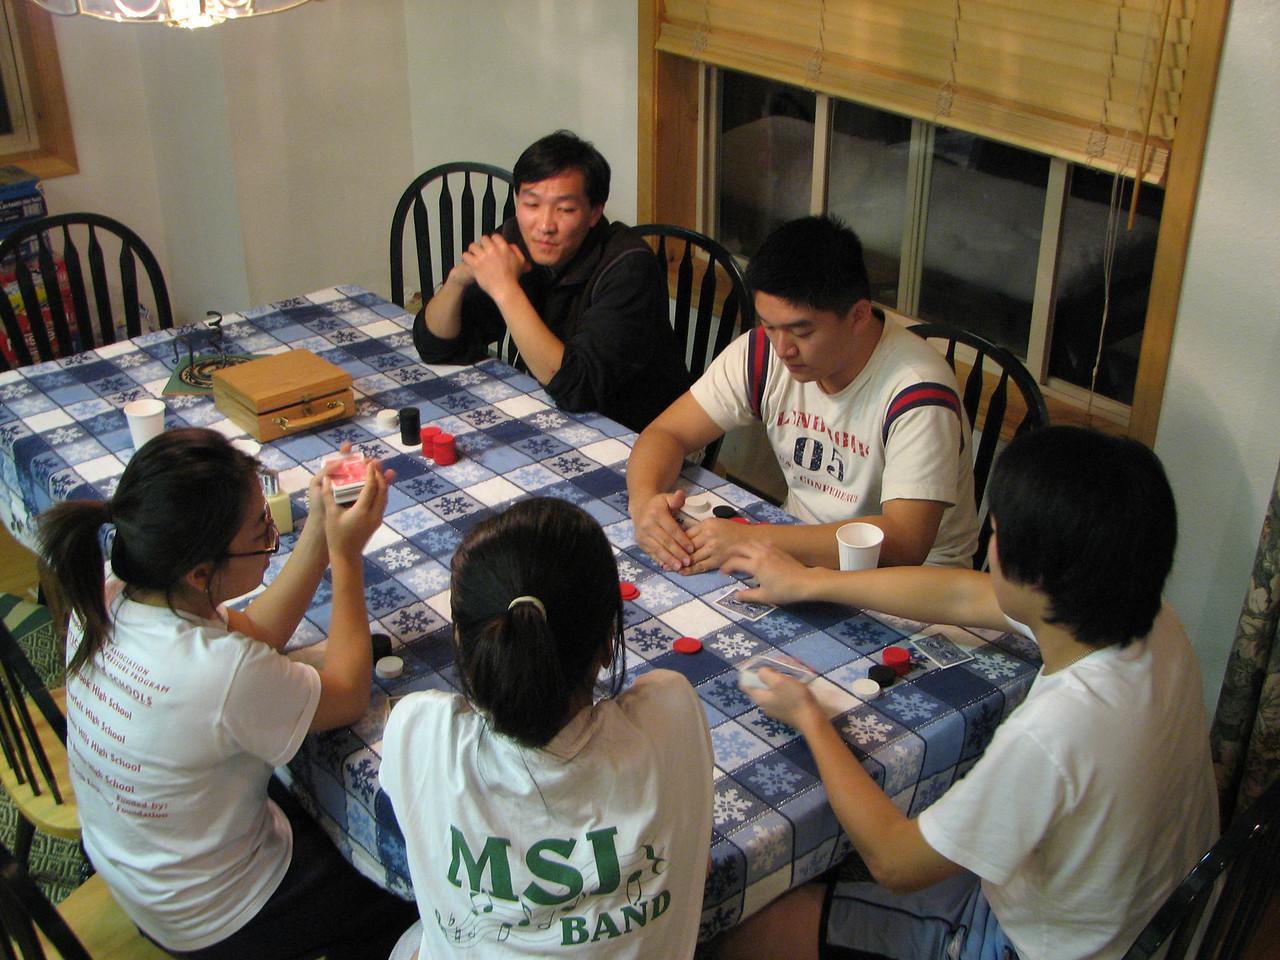 2006 12 22 Fri - Shinae Kim, Liz Lee, Mark Choi, Dan Tung, & Kai playing Texas Hold 'Em